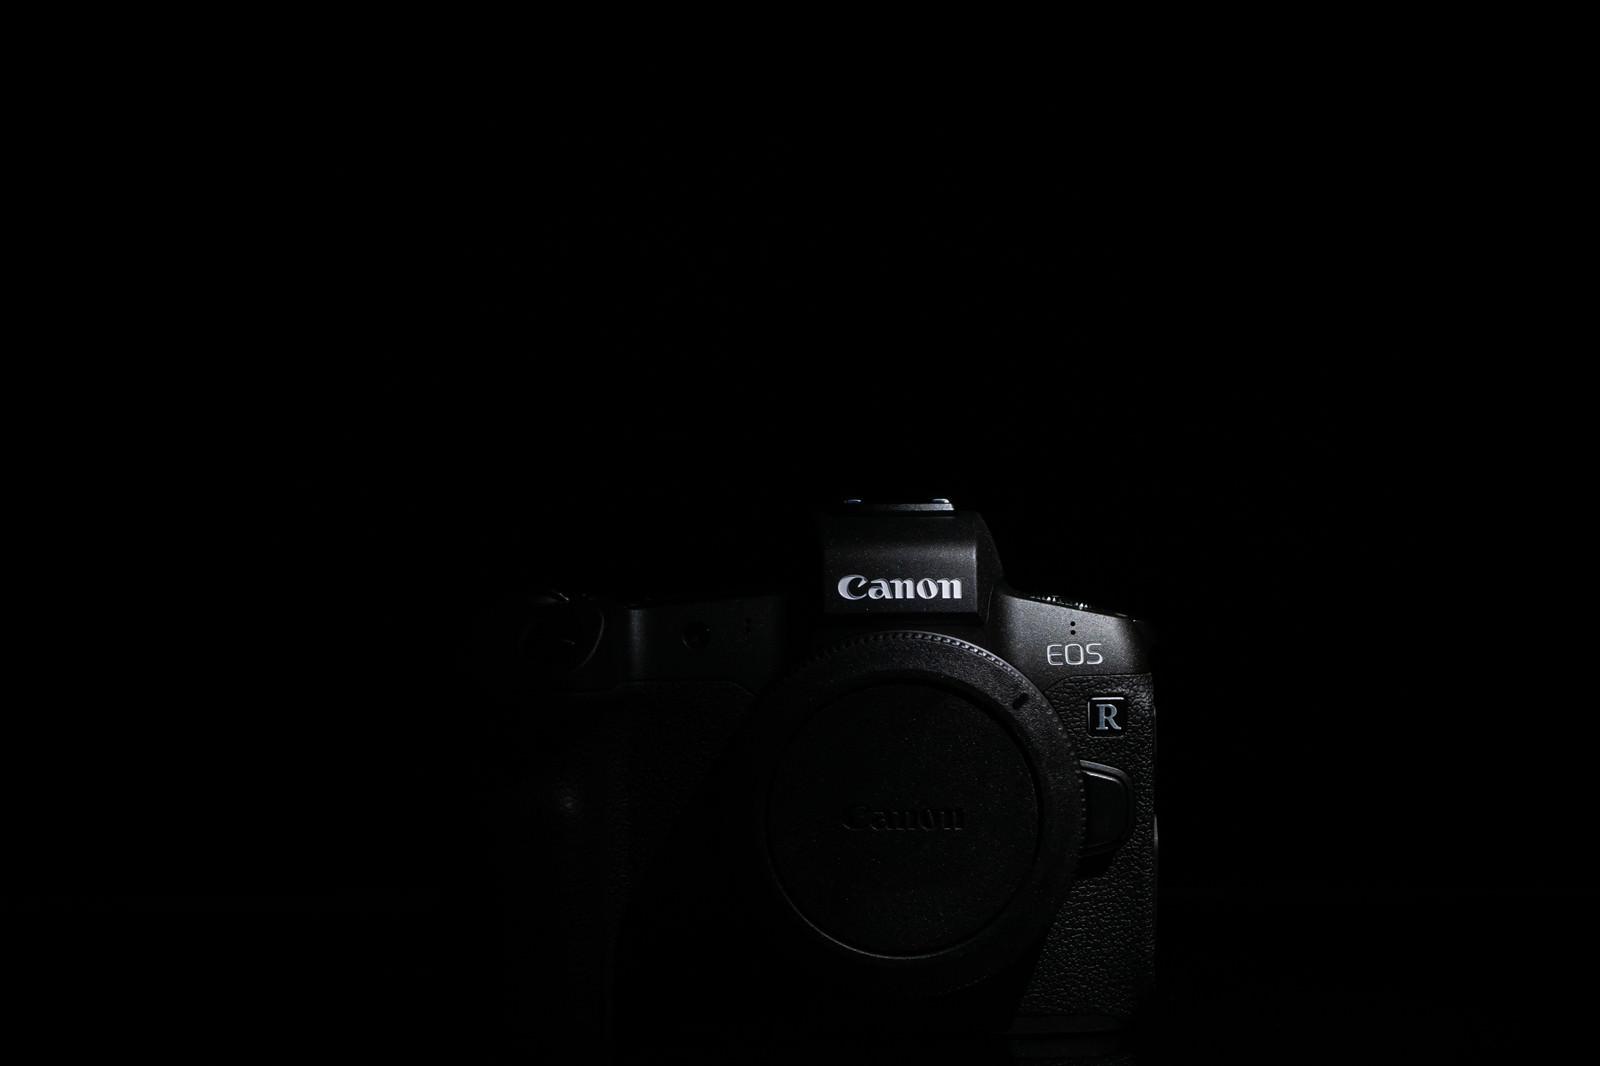 「デジタルミラーレス一眼レフカメラ レンズ未装着ボディ(CANON EOS R)」の写真